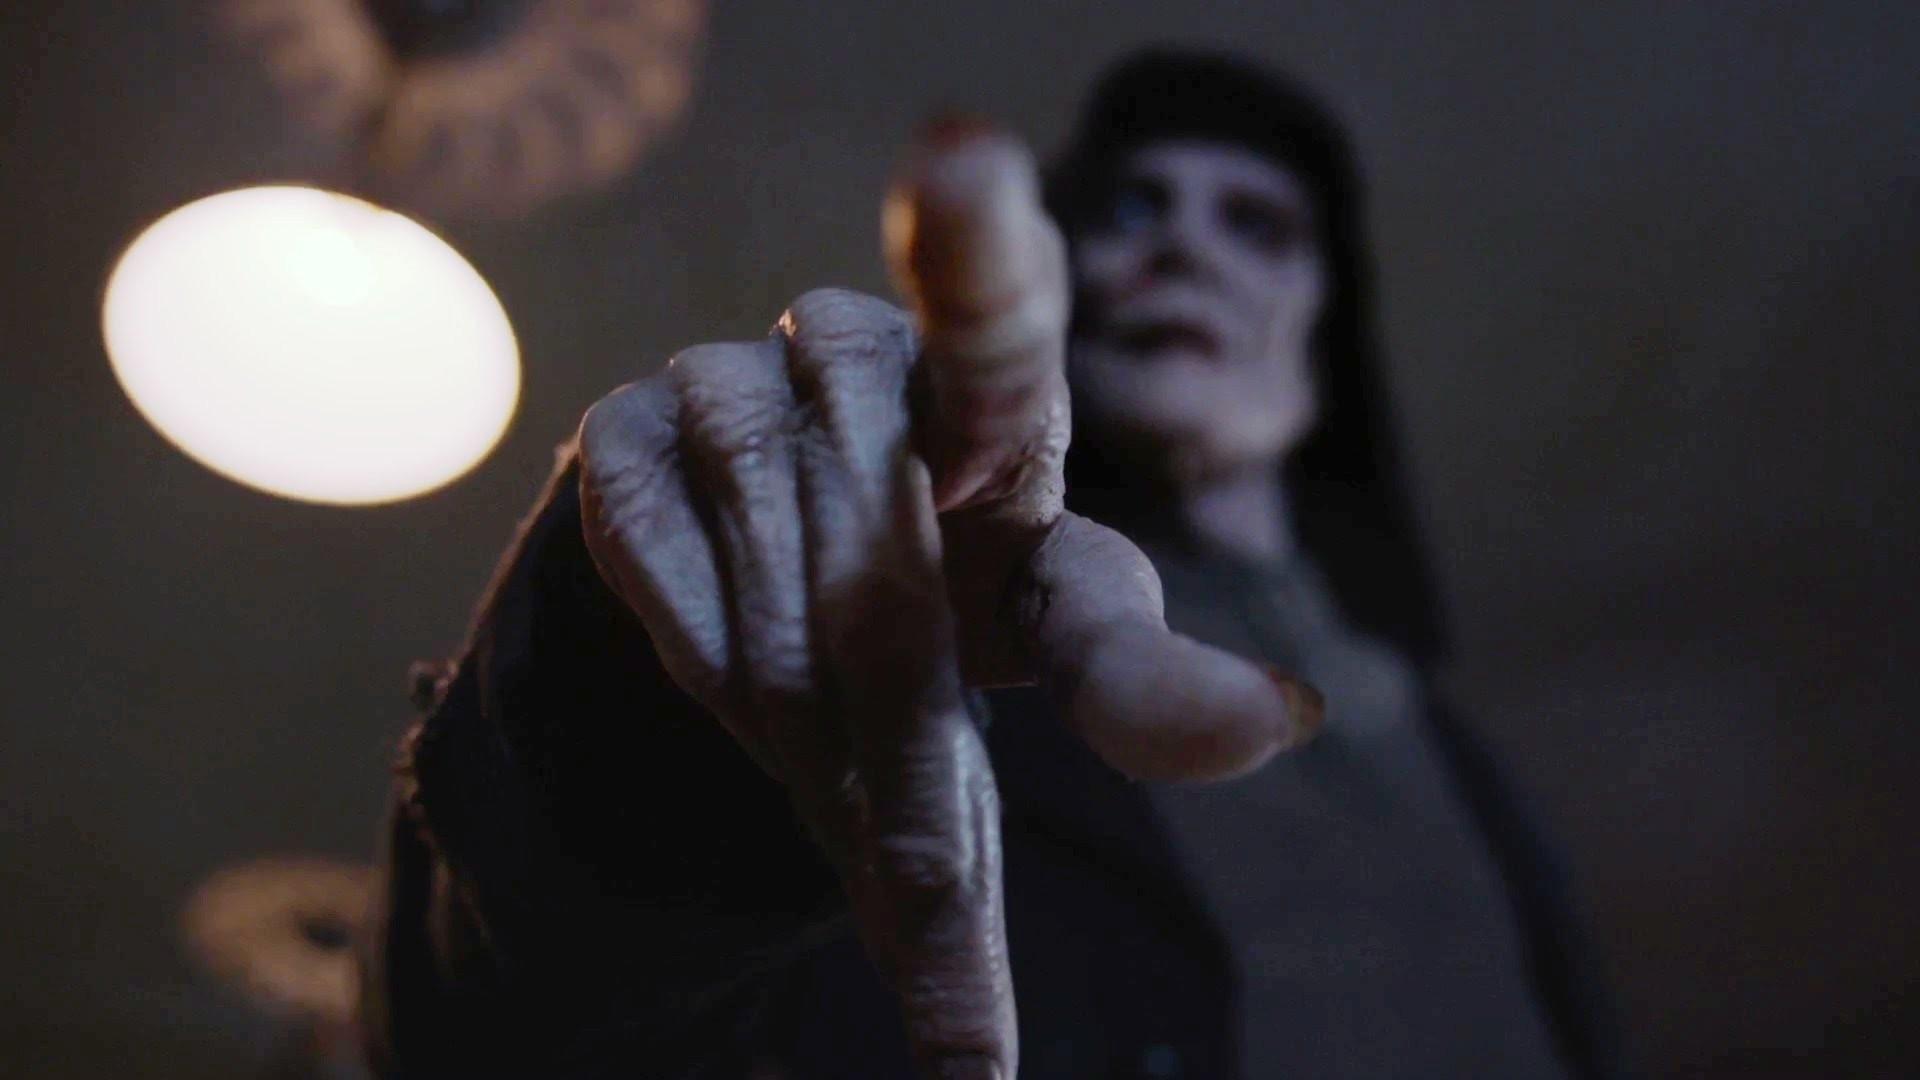 O terror Nunca Diga Seu Nome chega na Netflix (Foto: Divulgação )